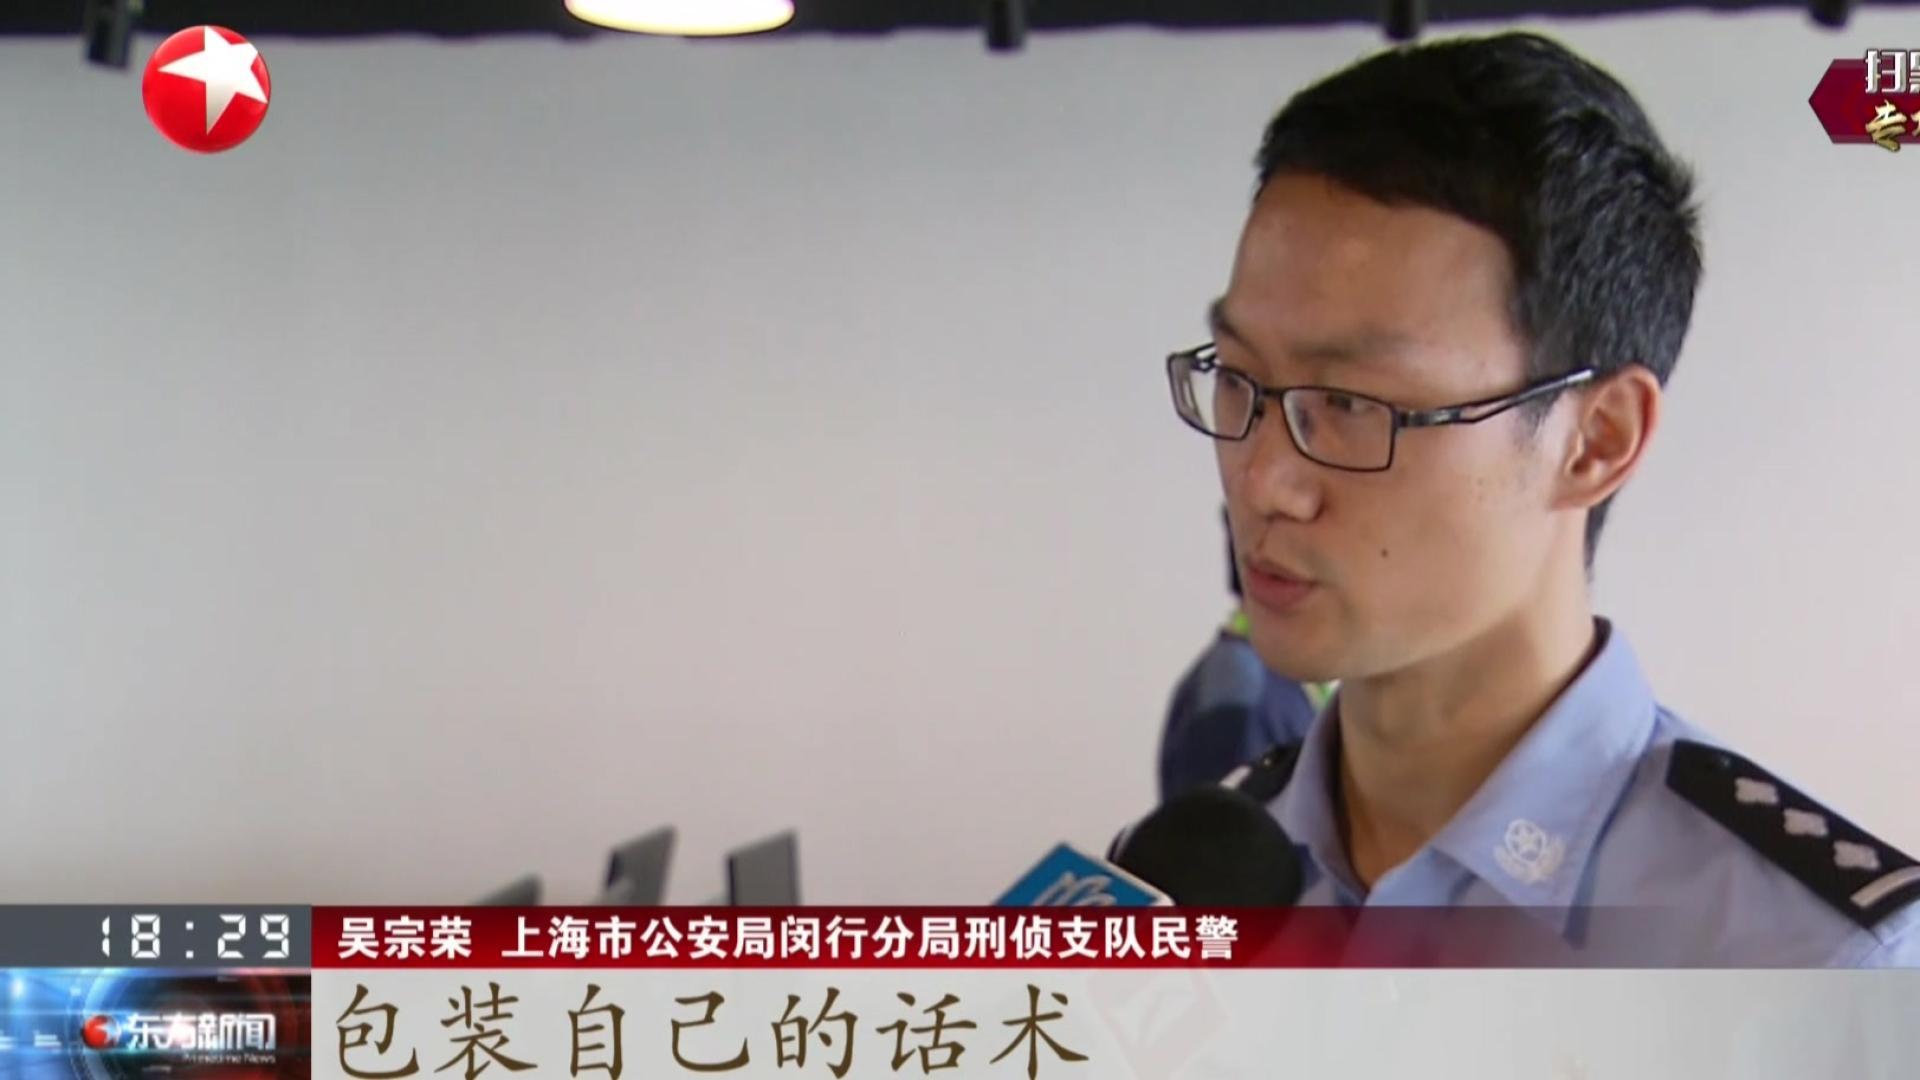 上海:自建虚拟货币平台  警方捣毁一网络诈骗团伙